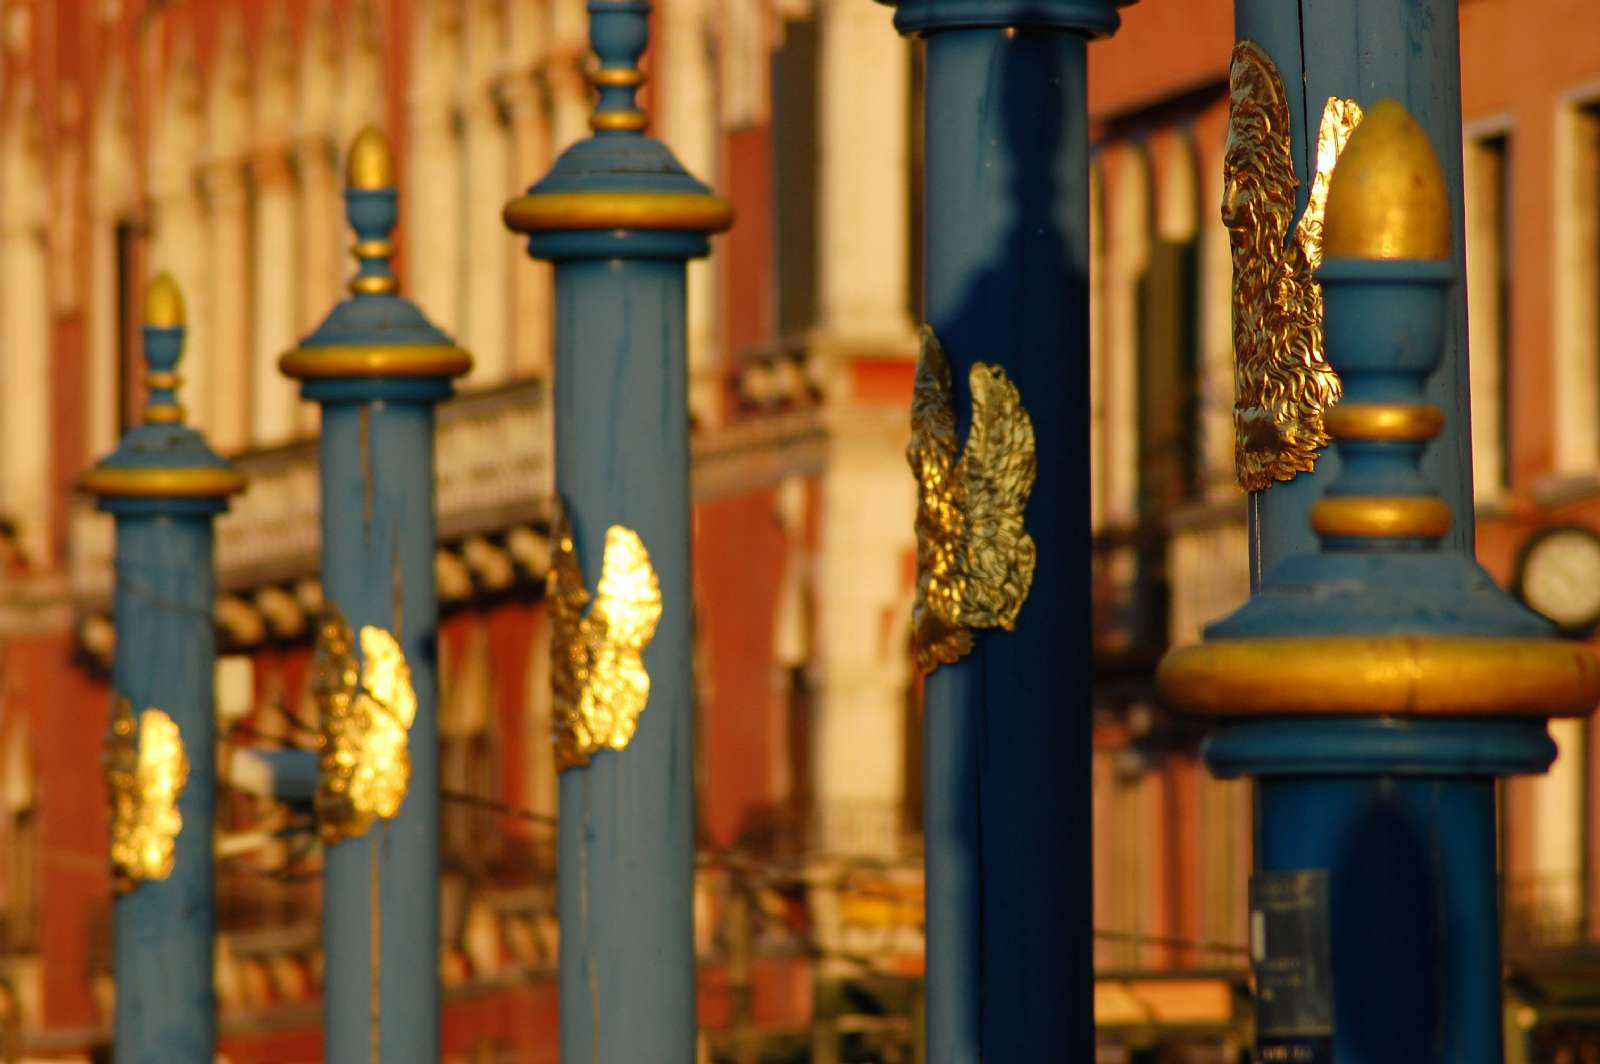 Hållplats för gondoler i Venedig